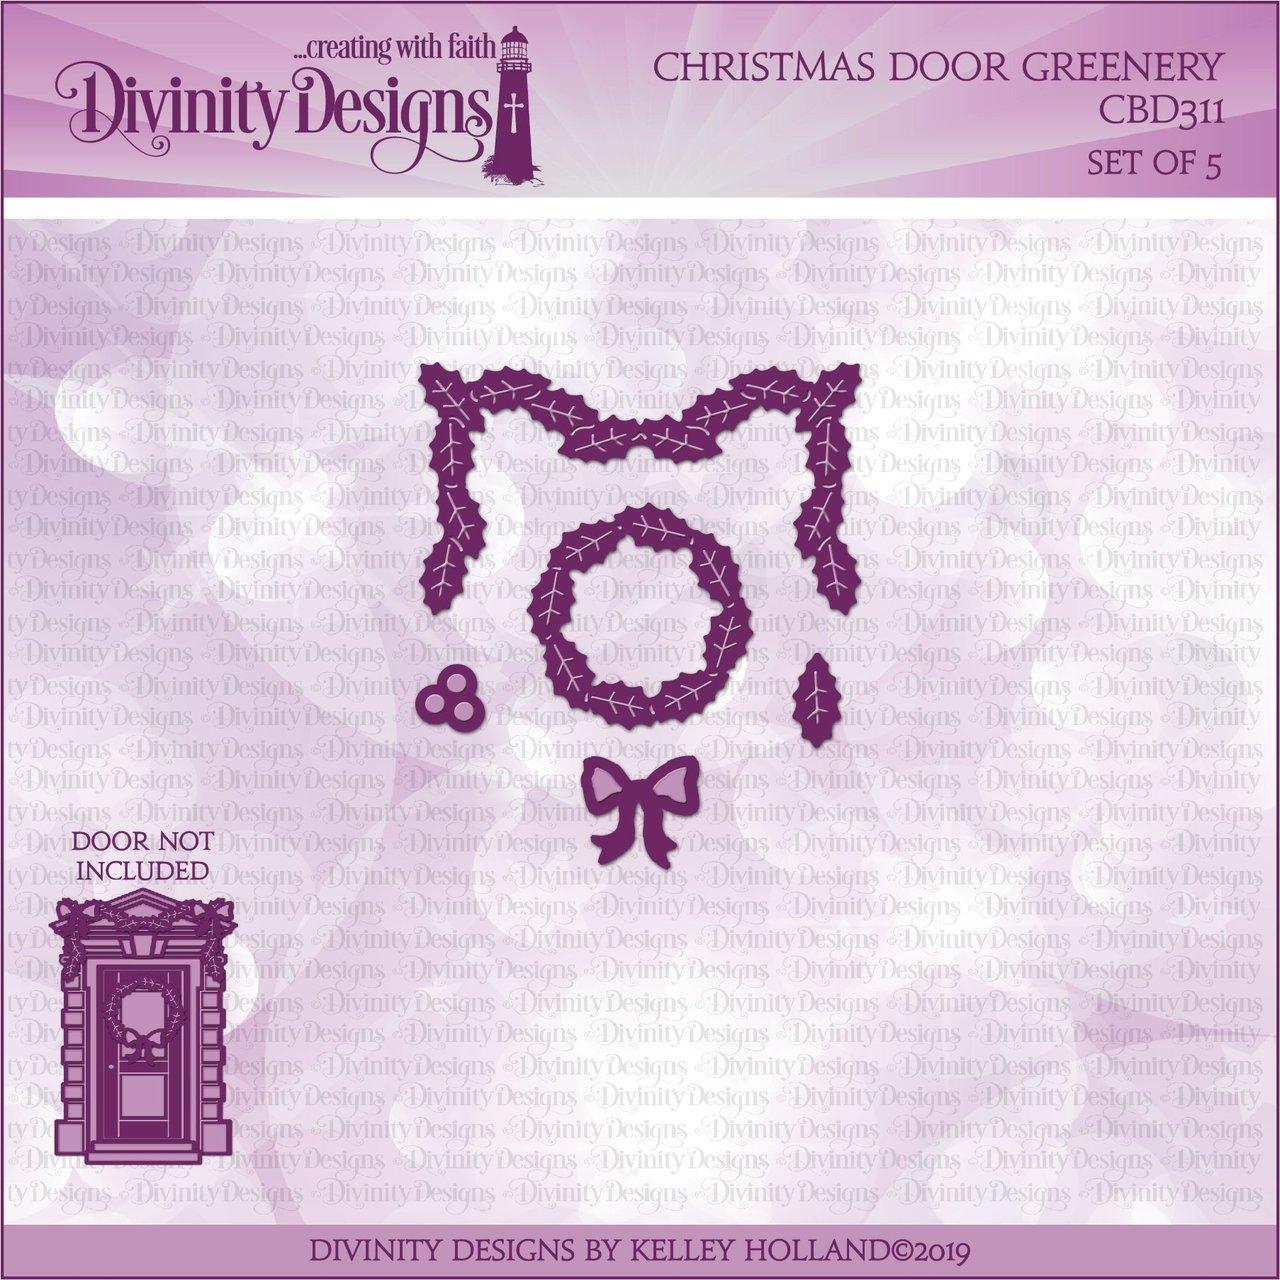 Divinity Designs - Christmas Door Greenery Die